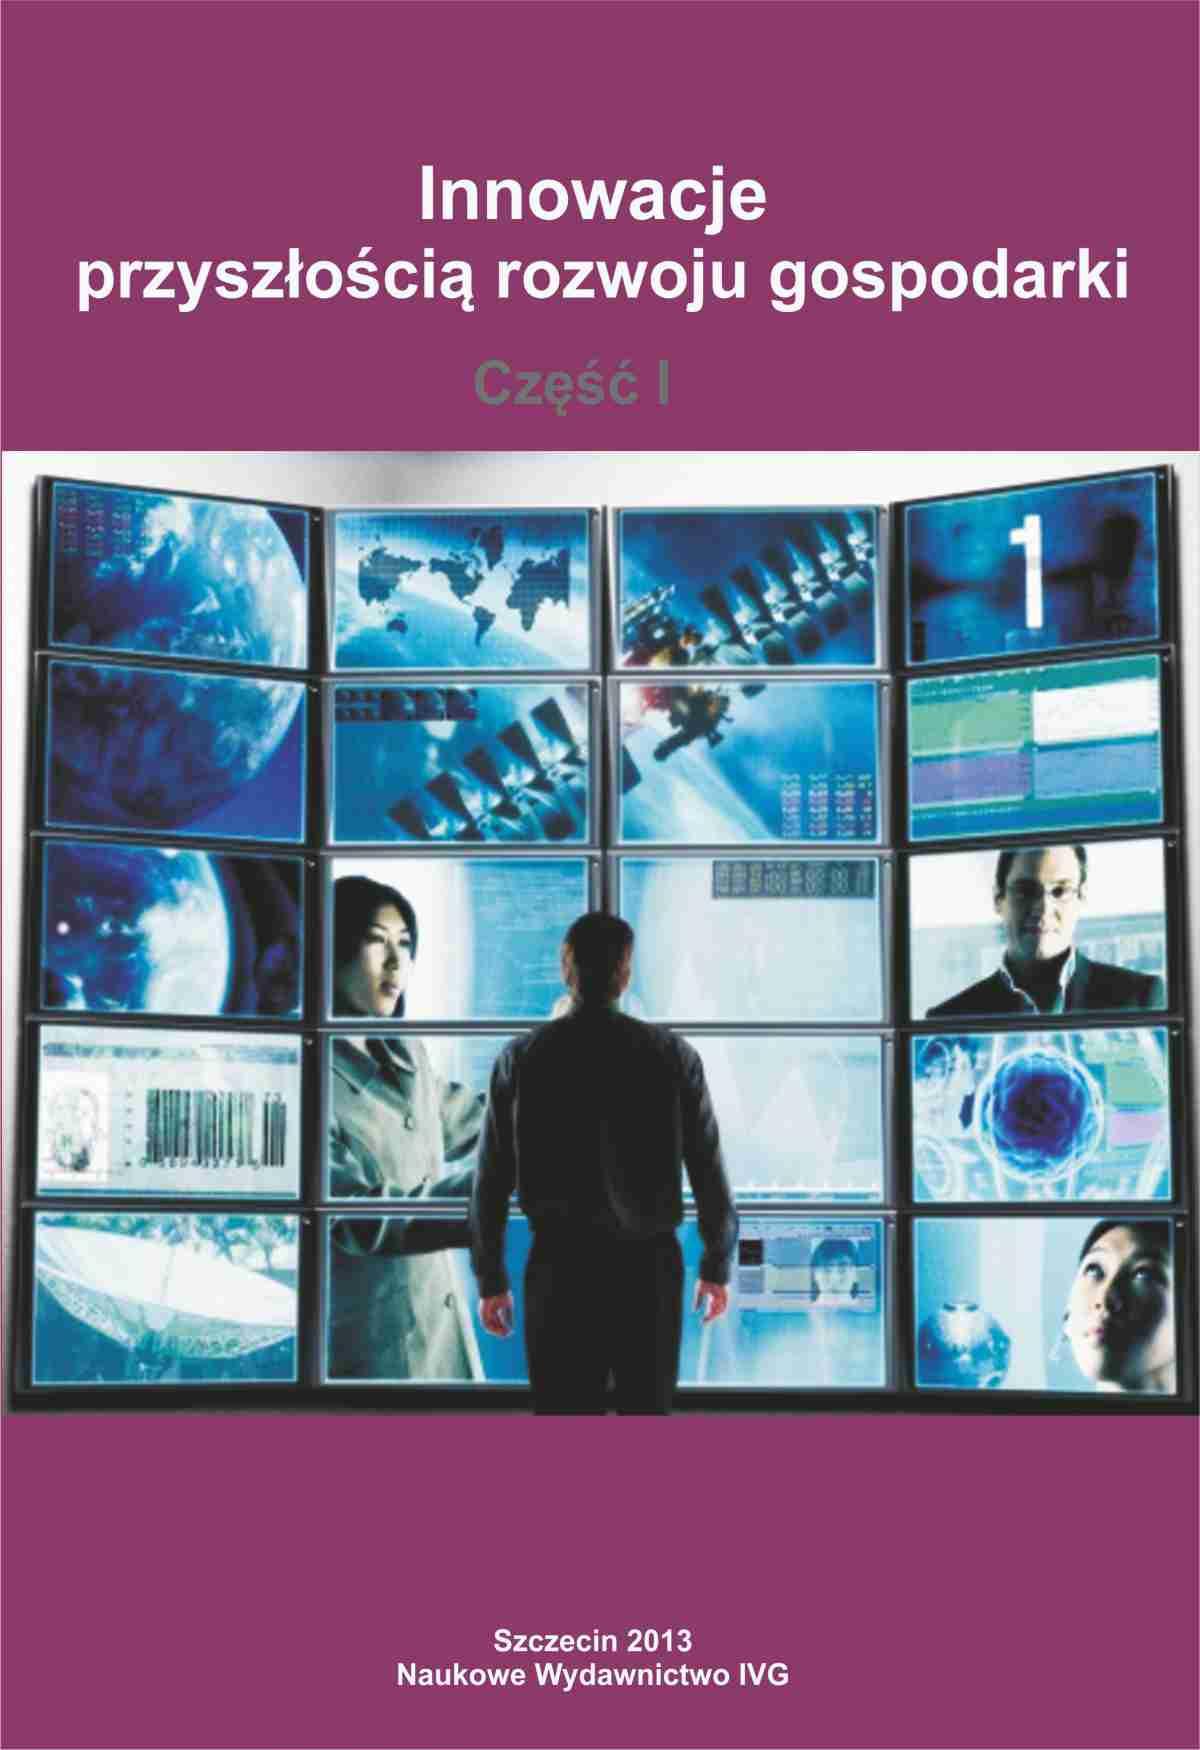 Innowacje przyszłością rozwoju gospodarki Część I - Ebook (Książka PDF) do pobrania w formacie PDF